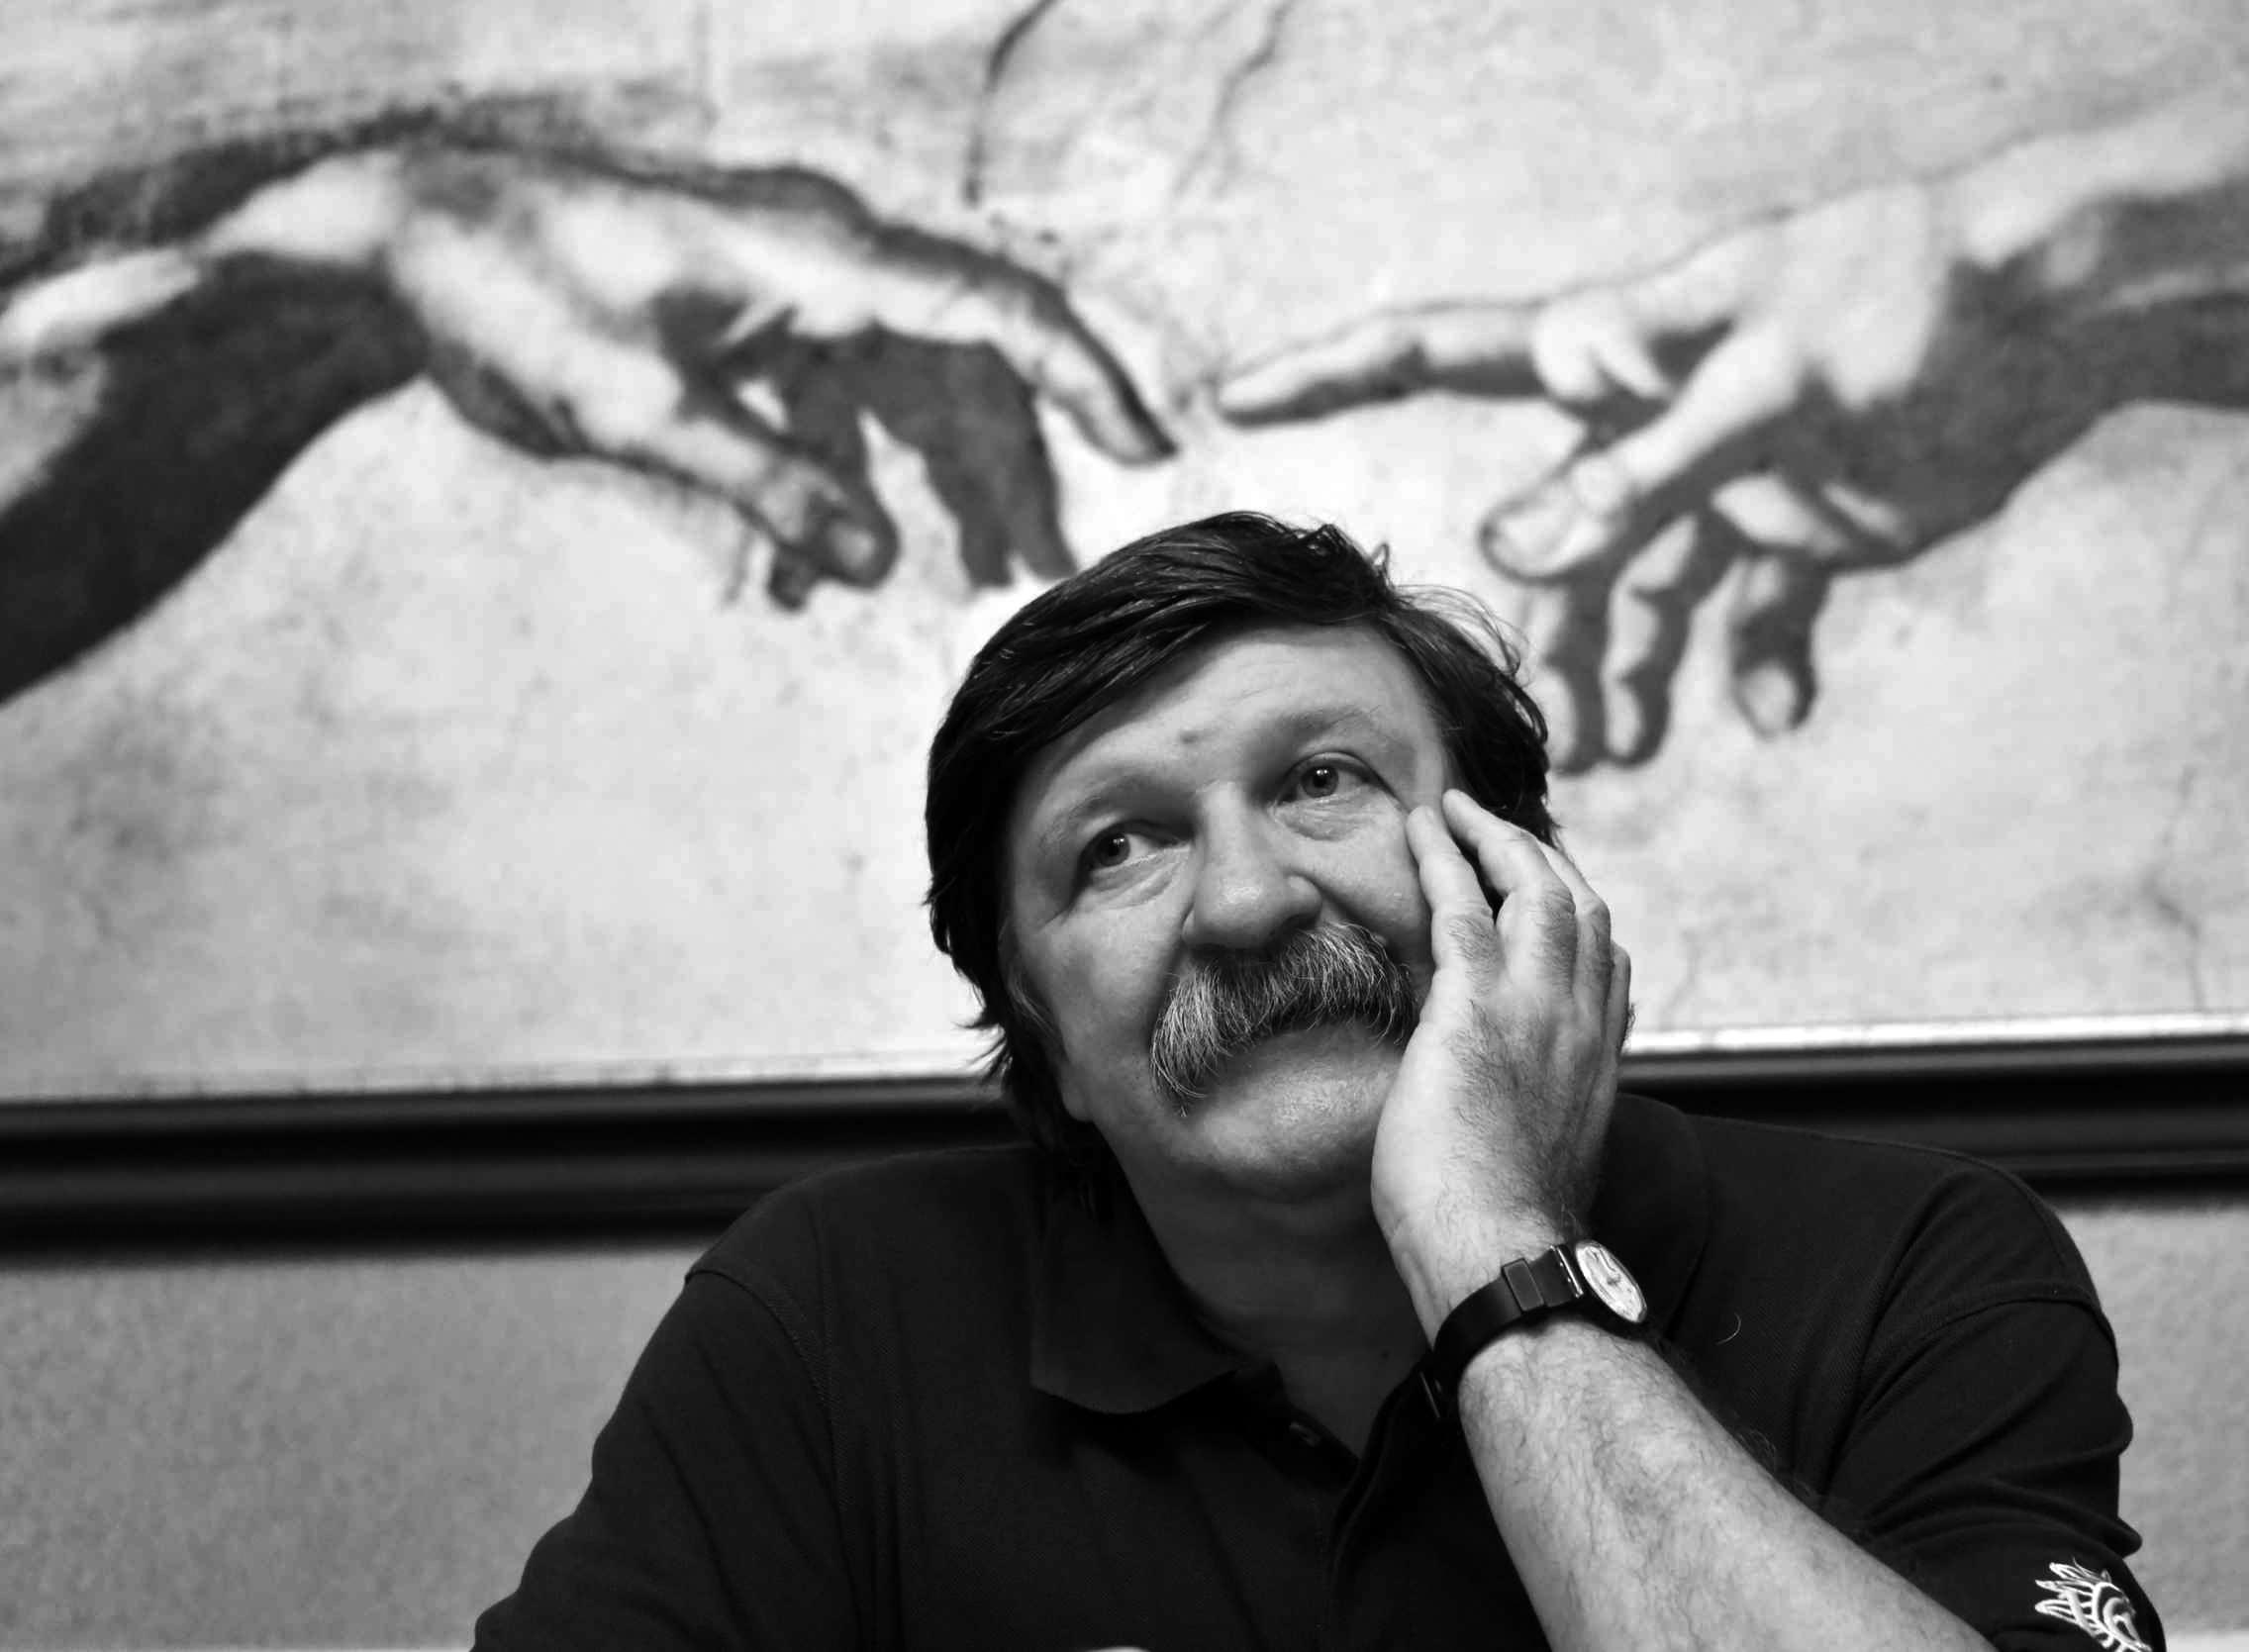 Βίκτωρ Γιαροσένκο Η άλλη Ρωσία του Αλεξάντρ Τιάγκνι – Ριάντο